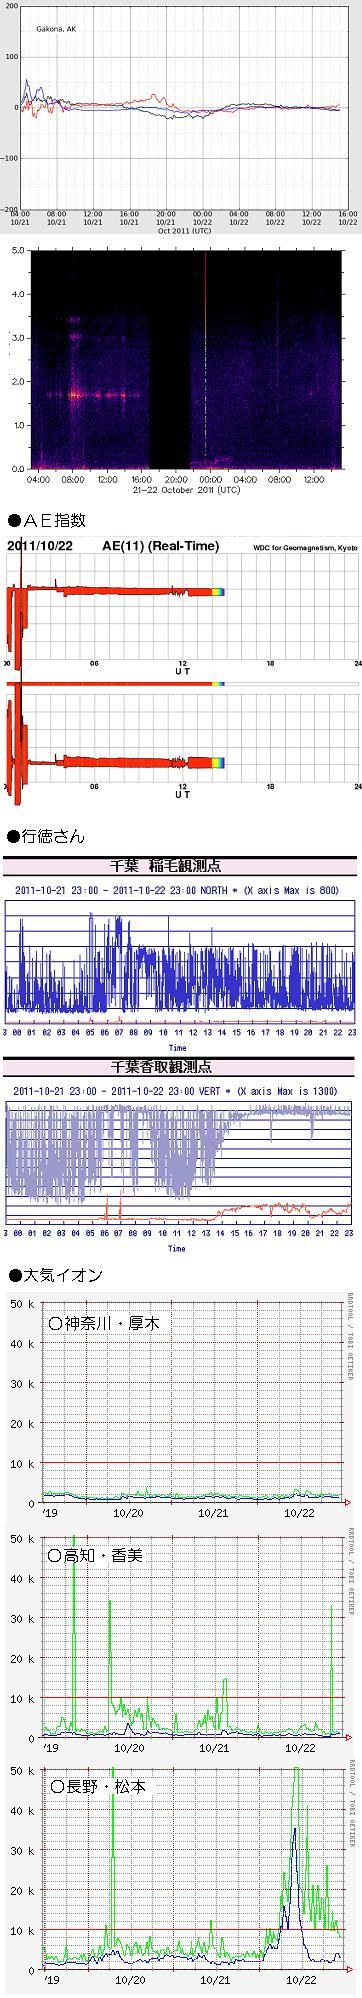 1023-1 データ